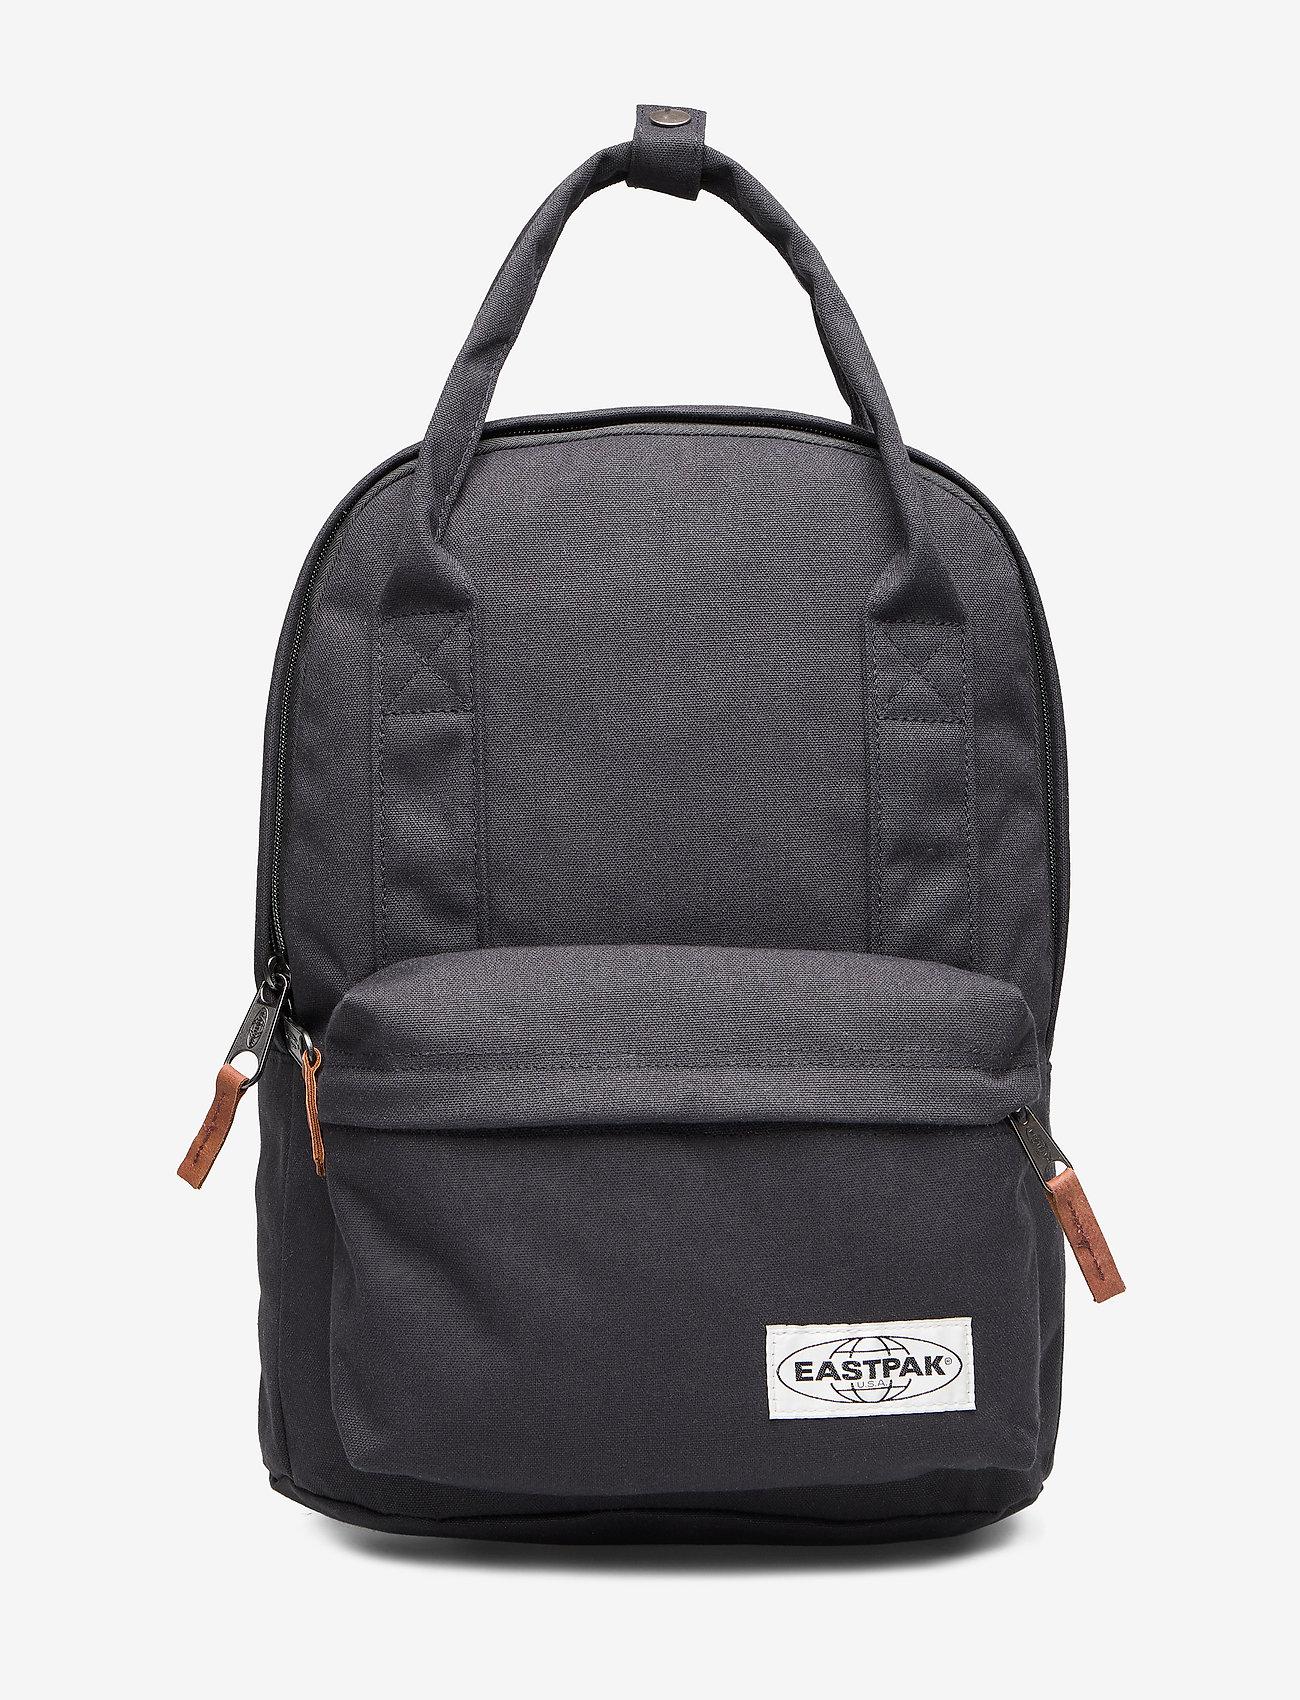 Eastpak - PADDED SHOP'R BLACK - rucksäcke - opgrade dark - 0